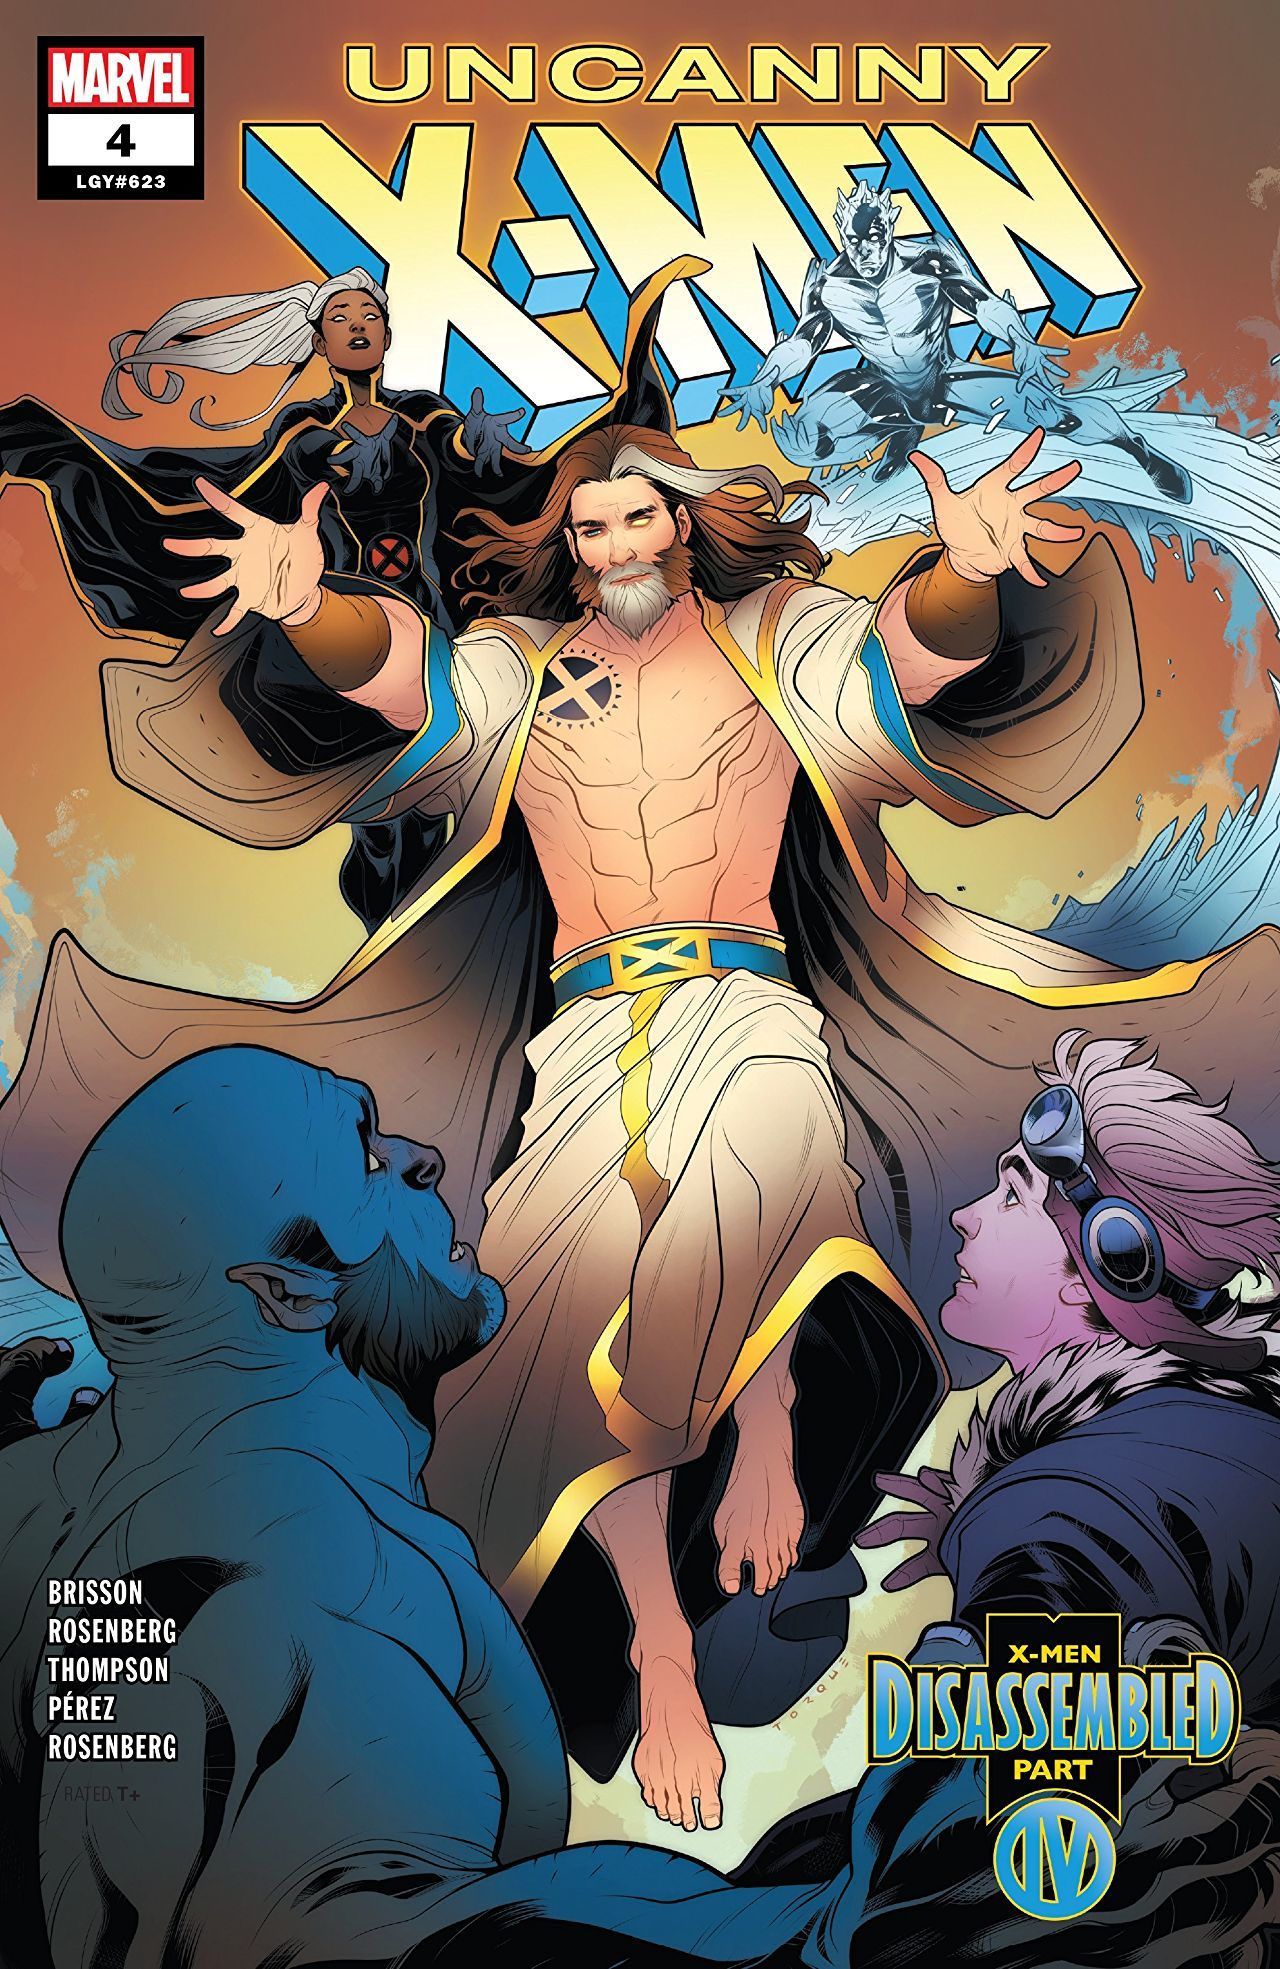 Uncanny X-Men #4 Cover